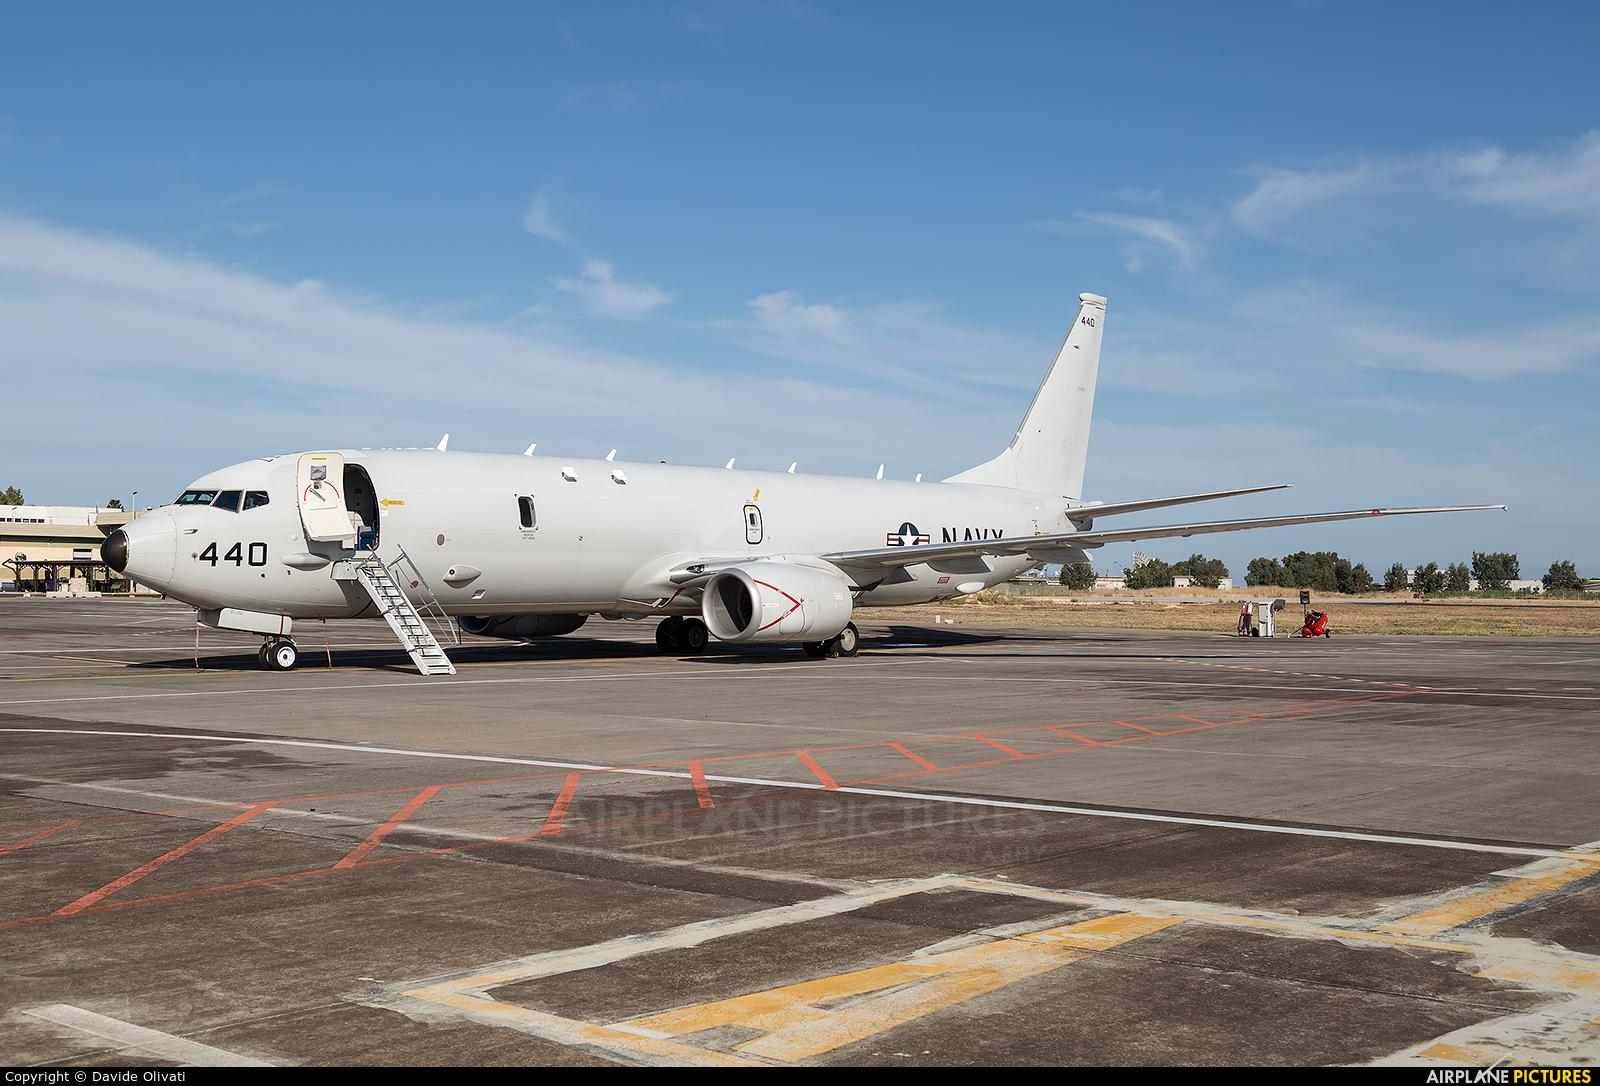 USA - Navy 168440 aircraft at Sigonella